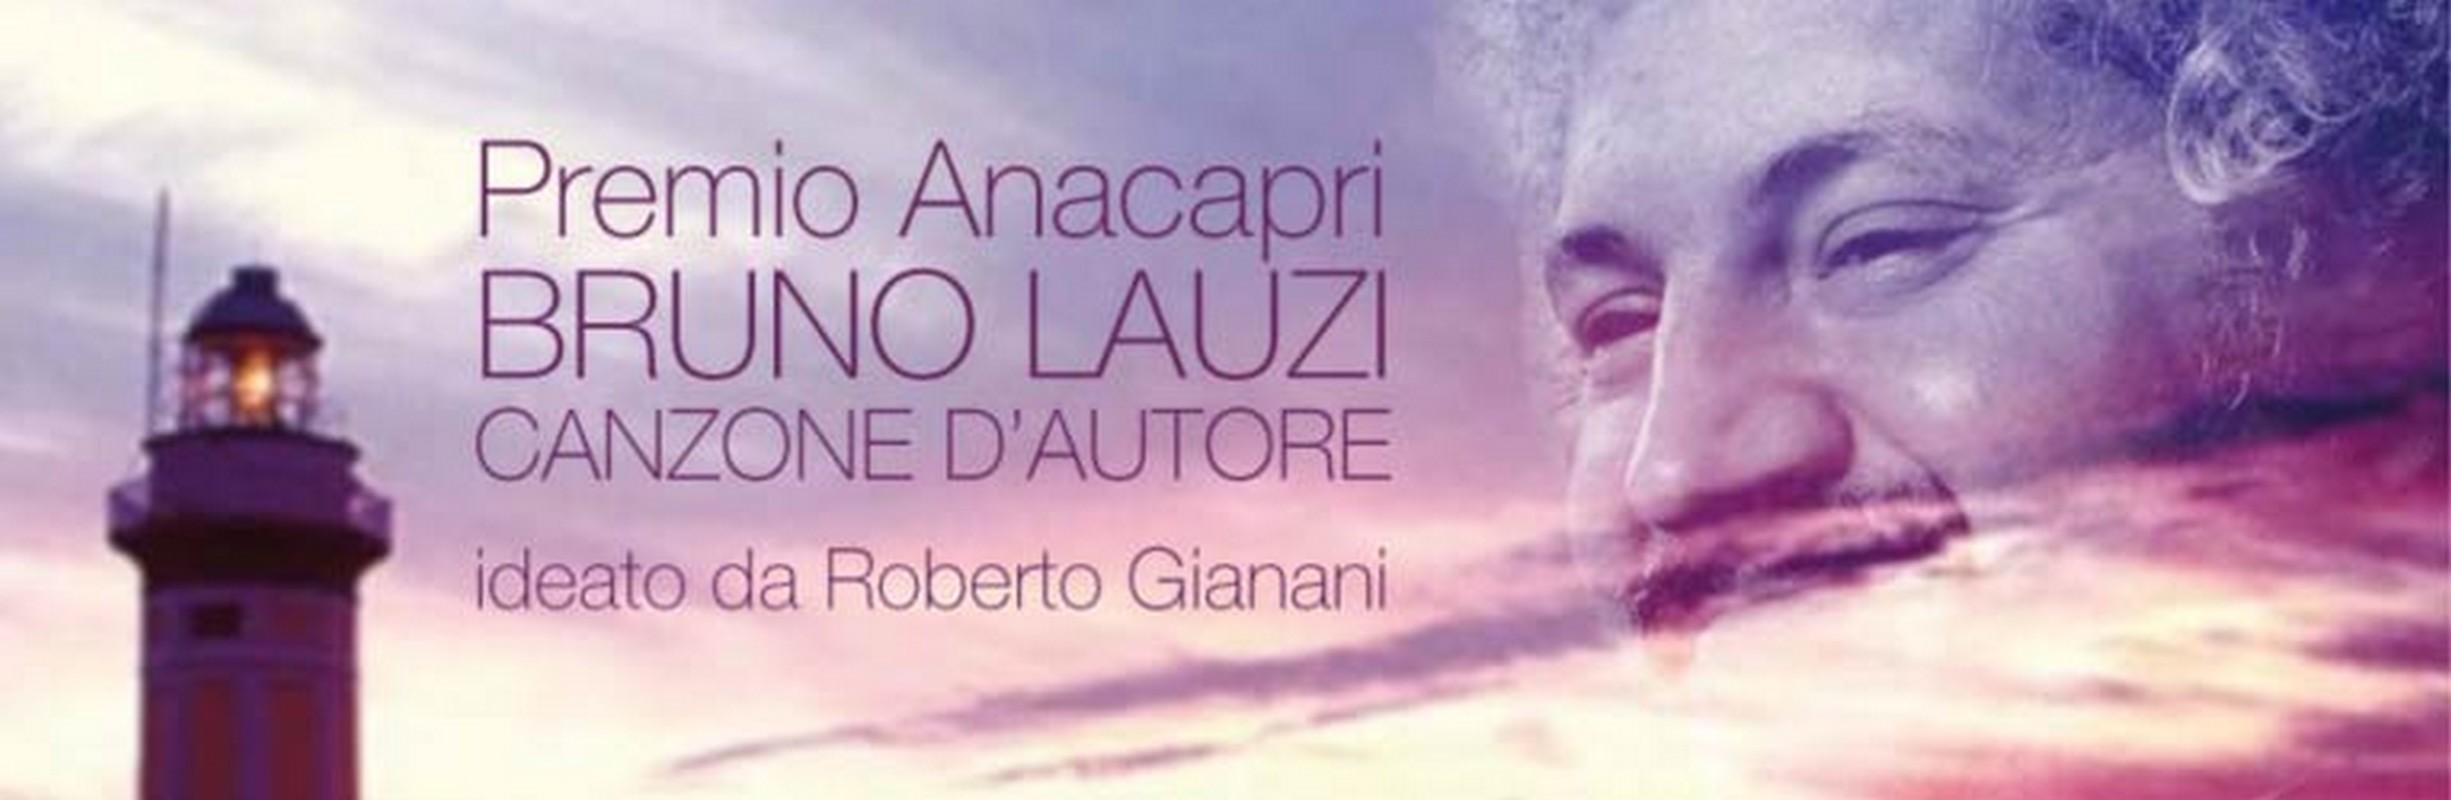 """Premio Anacapri """"Bruno Lauzi"""" - Canzone d'autore"""